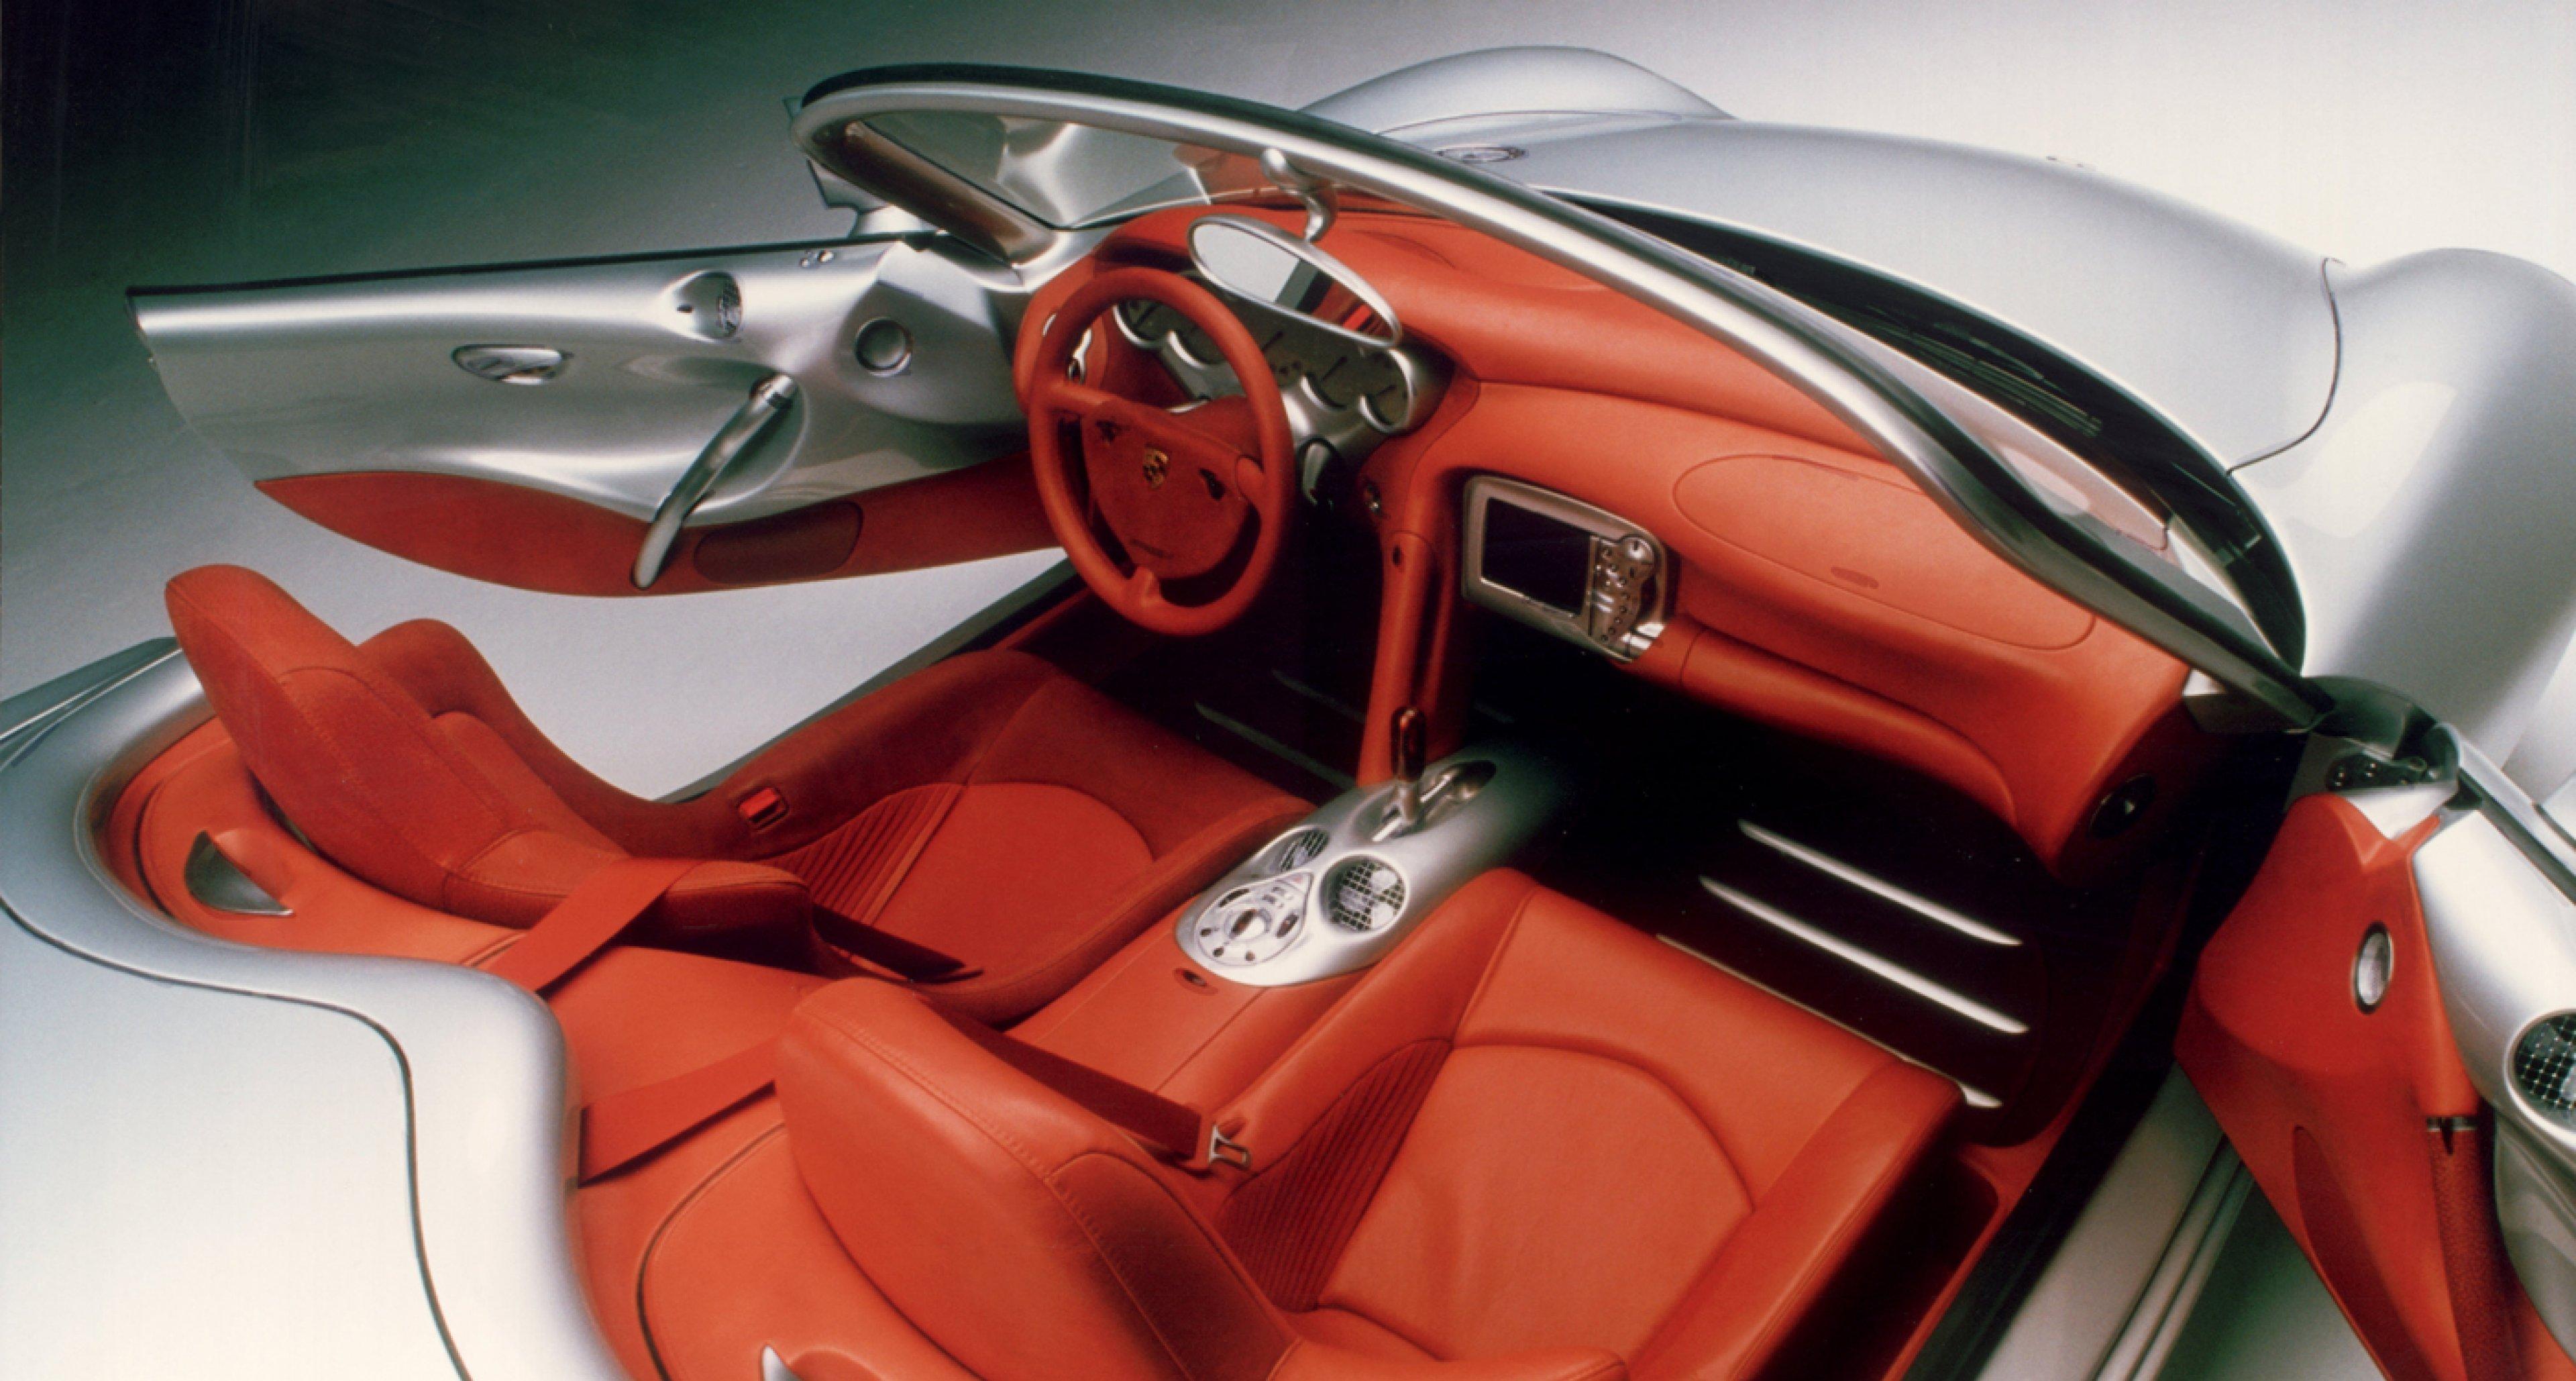 Porsche Boxstet concept from 1993.